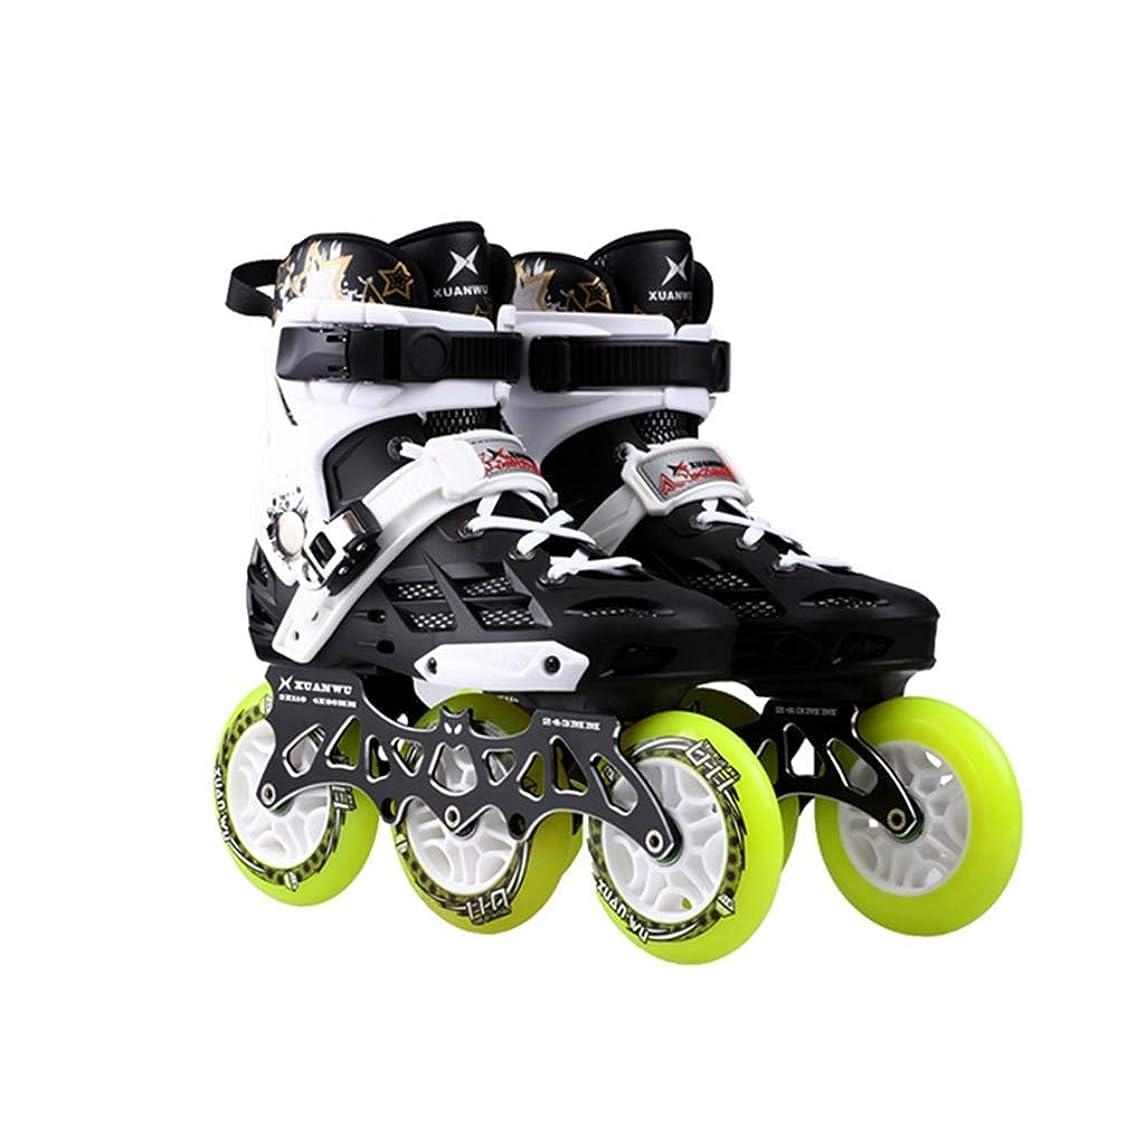 ジョージバーナードダンスクアッガTKW インラインスケート、 3輪110MMホイール アダルトシングルロースケート フルフラッシュ ローラースケート 白 インラインスケート (Color : B, Size : 40 EU/7.5 US/6.5 UK/25cm JP)